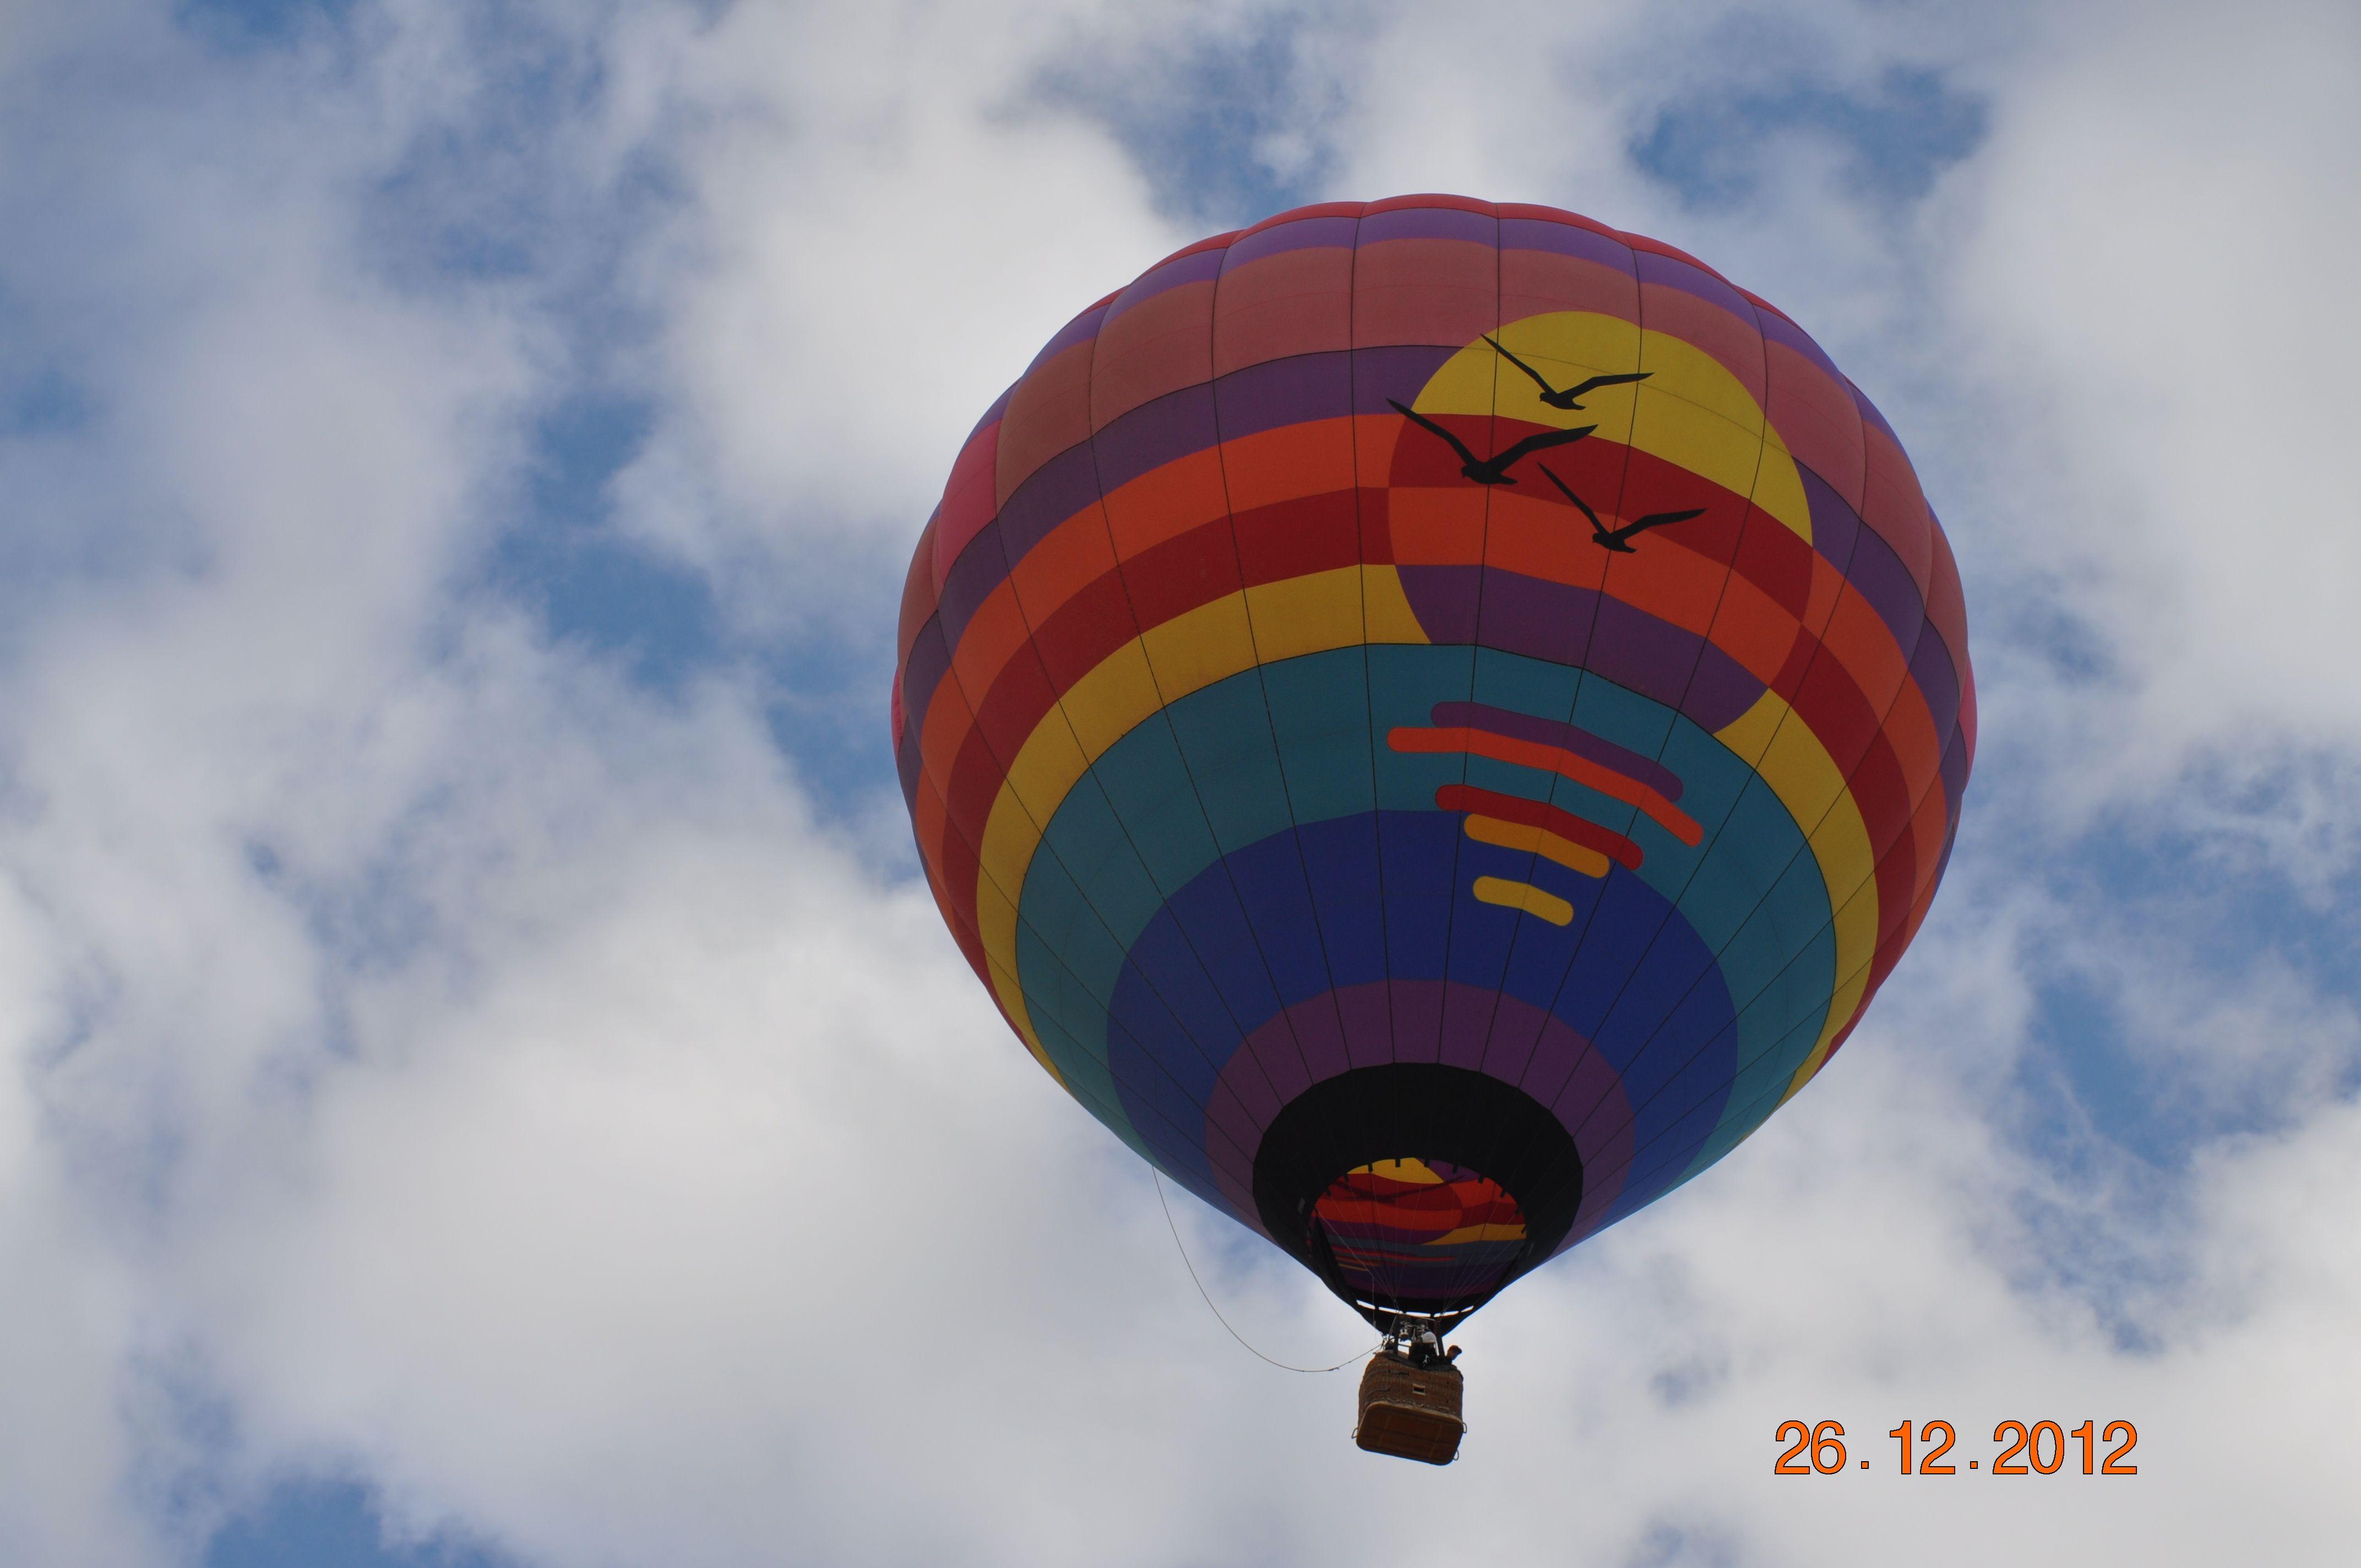 Hot Air Balloon in Phoenix, AZ Hot air balloon rides